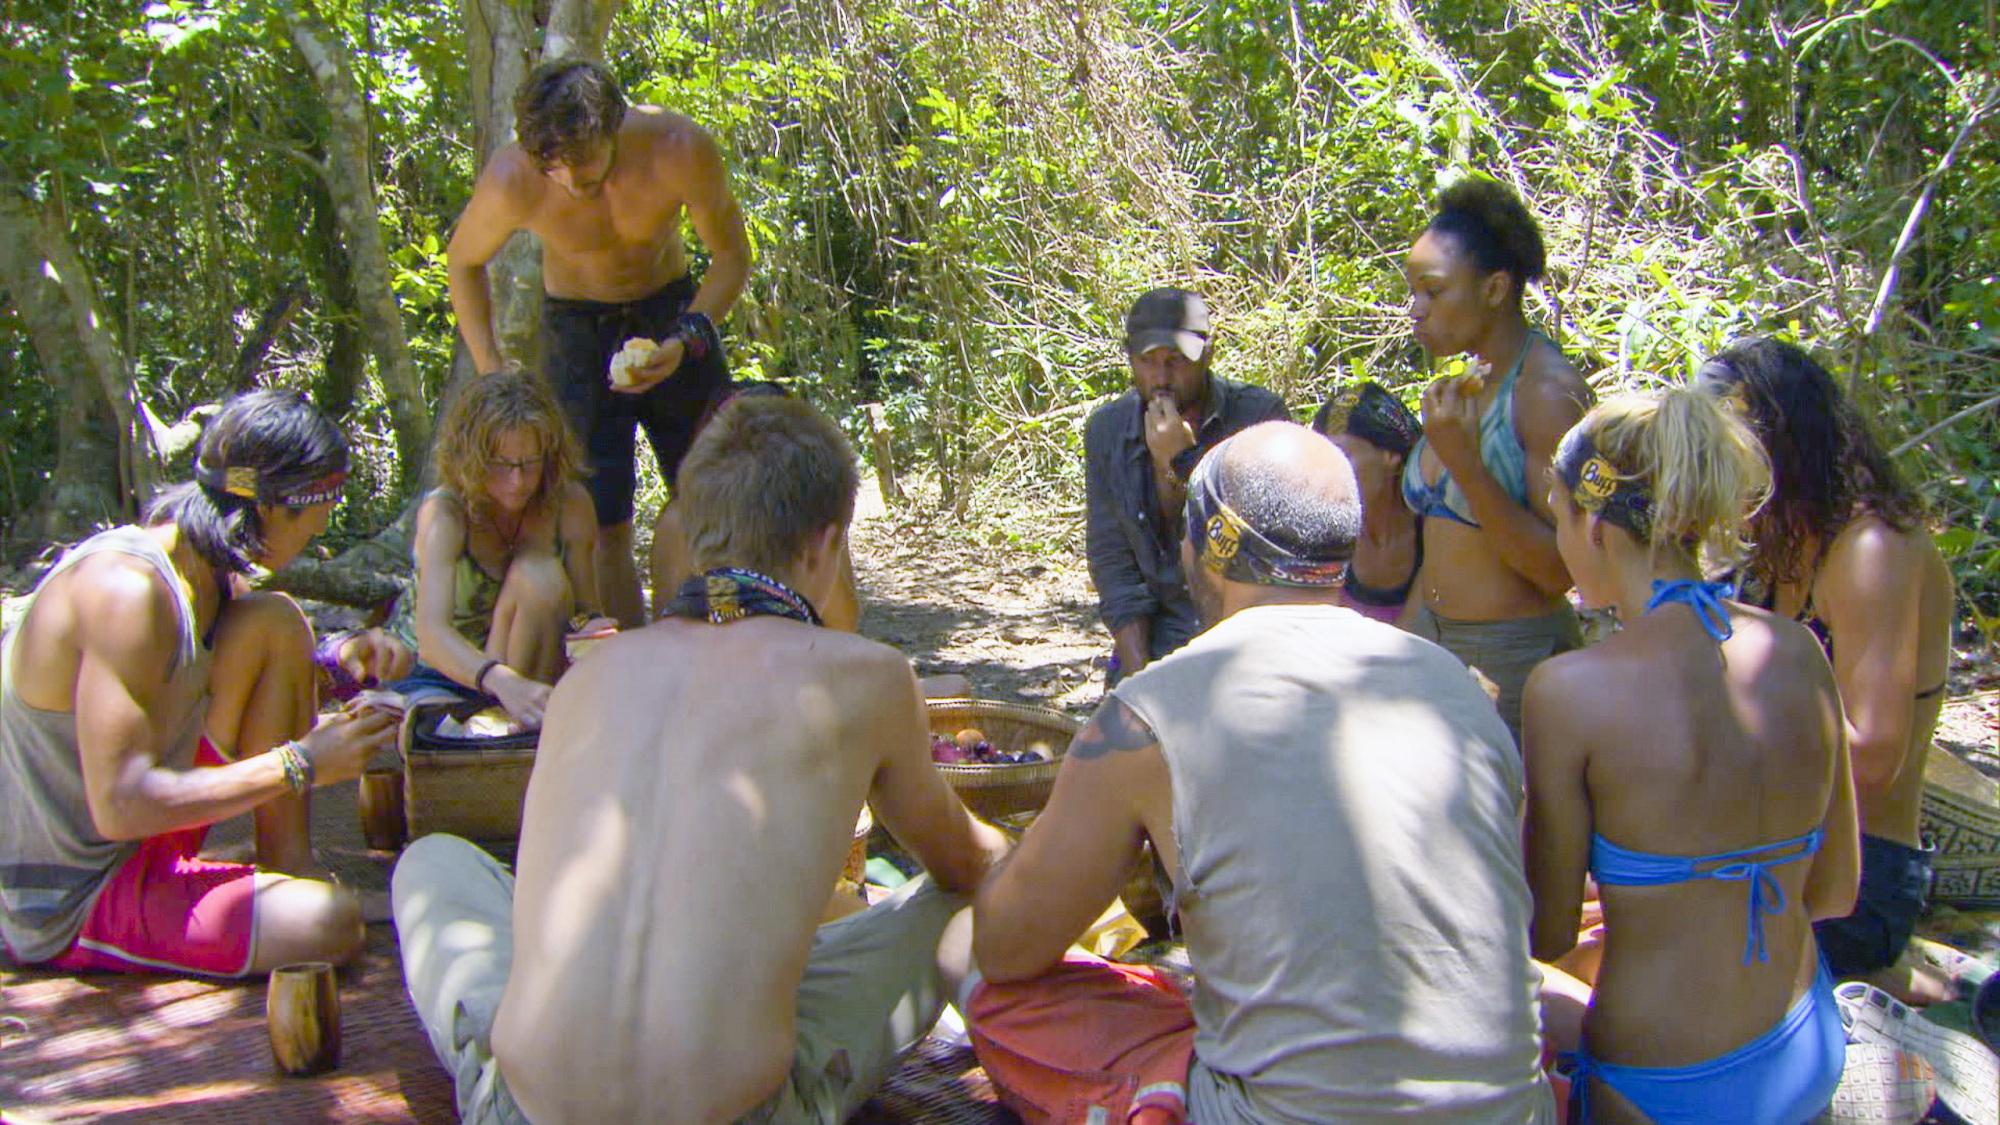 Tribe feast in Season 28 Episode 6